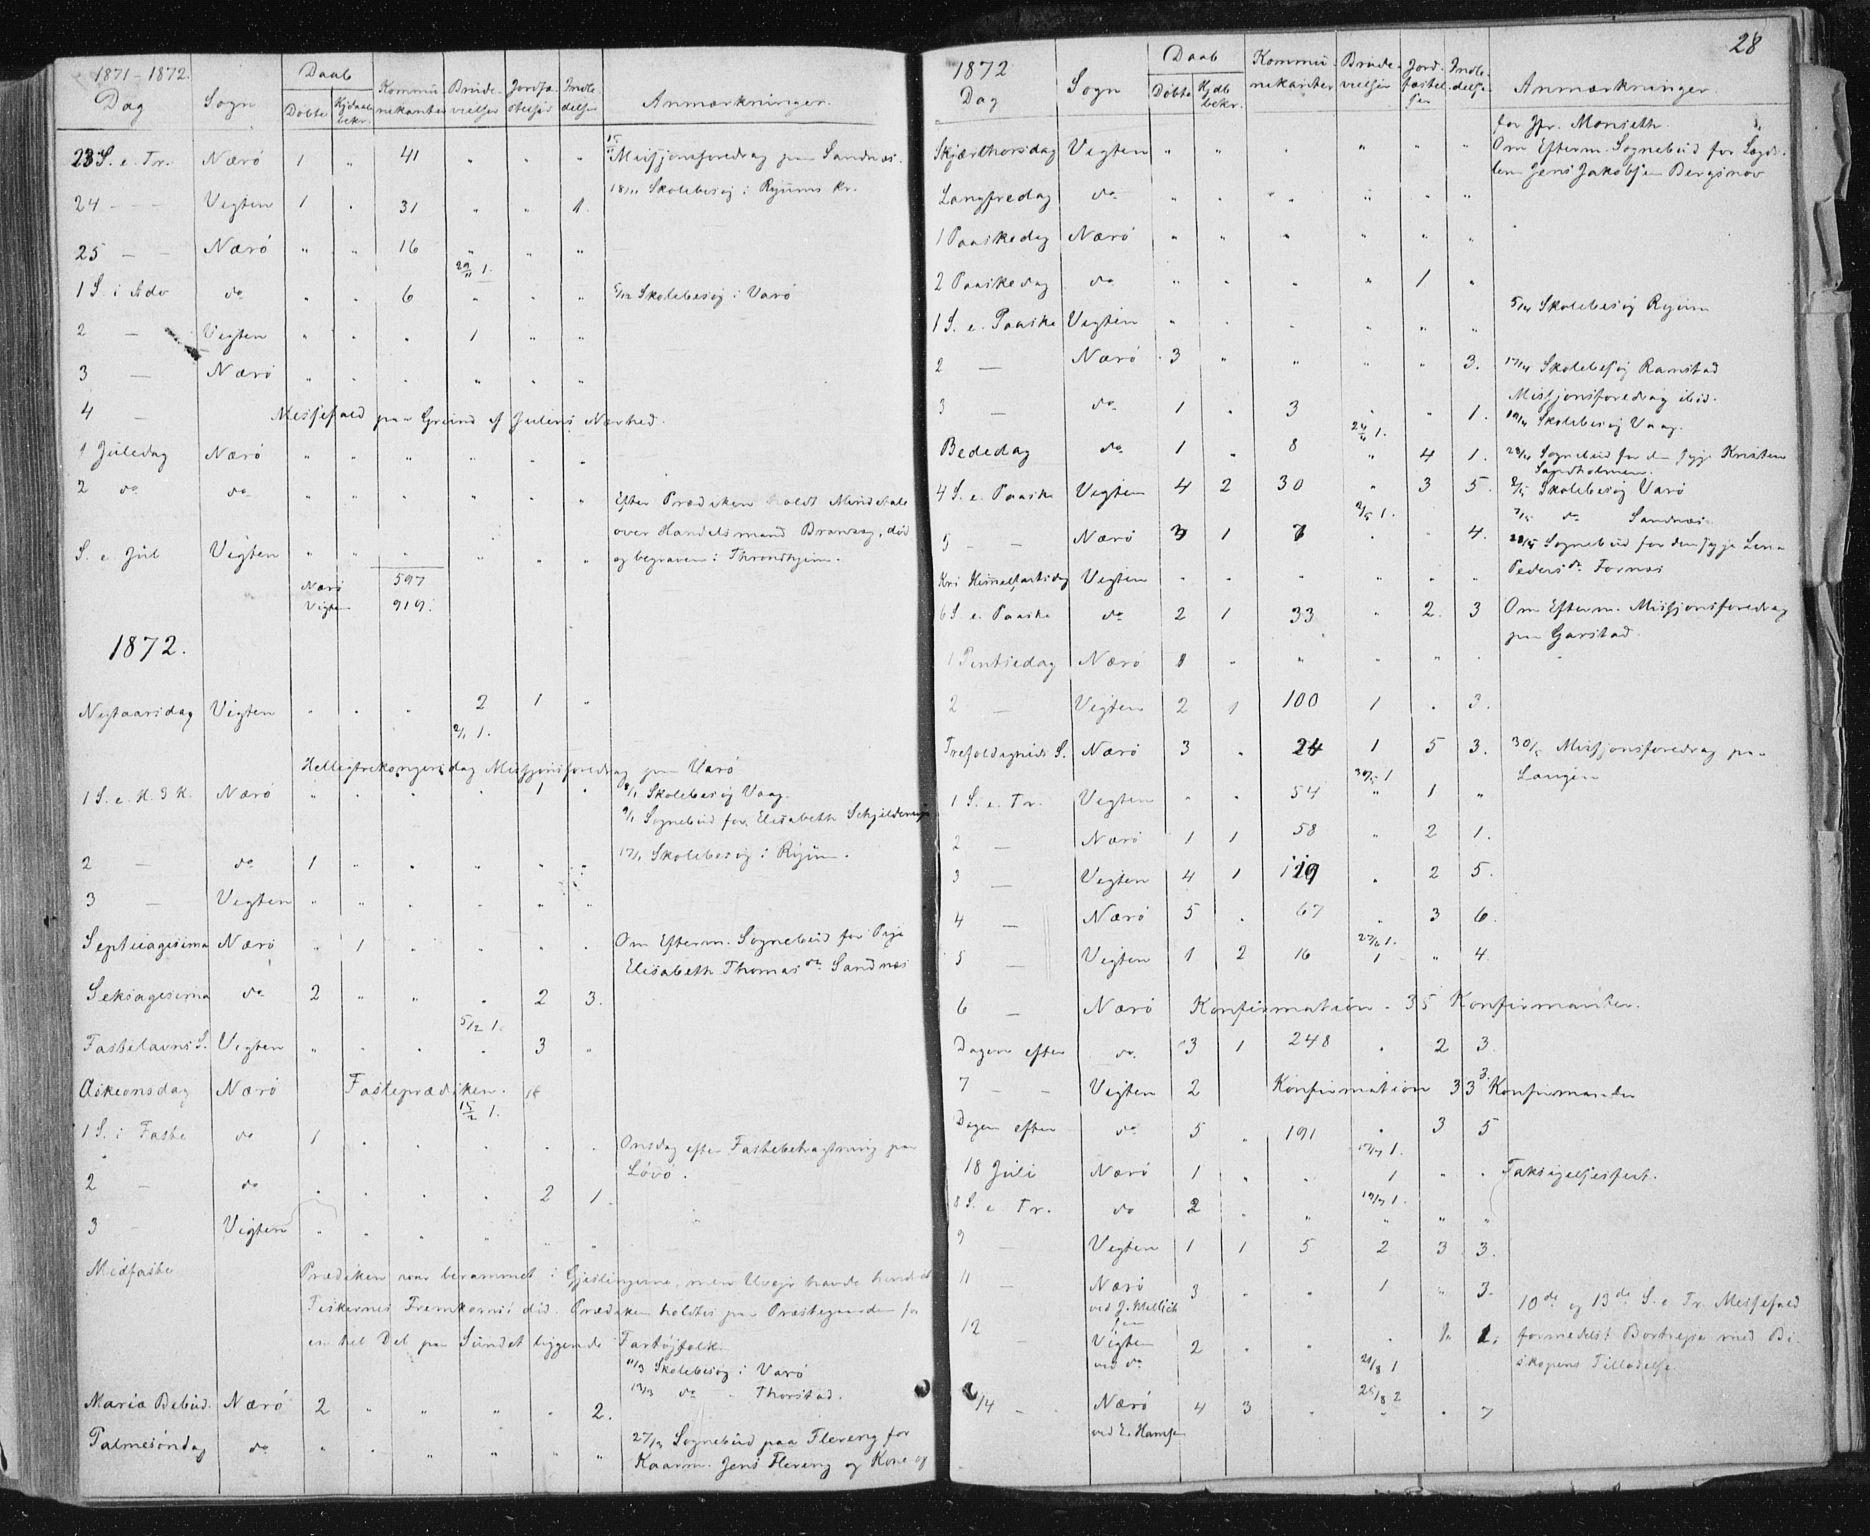 SAT, Ministerialprotokoller, klokkerbøker og fødselsregistre - Nord-Trøndelag, 784/L0670: Ministerialbok nr. 784A05, 1860-1876, s. 28